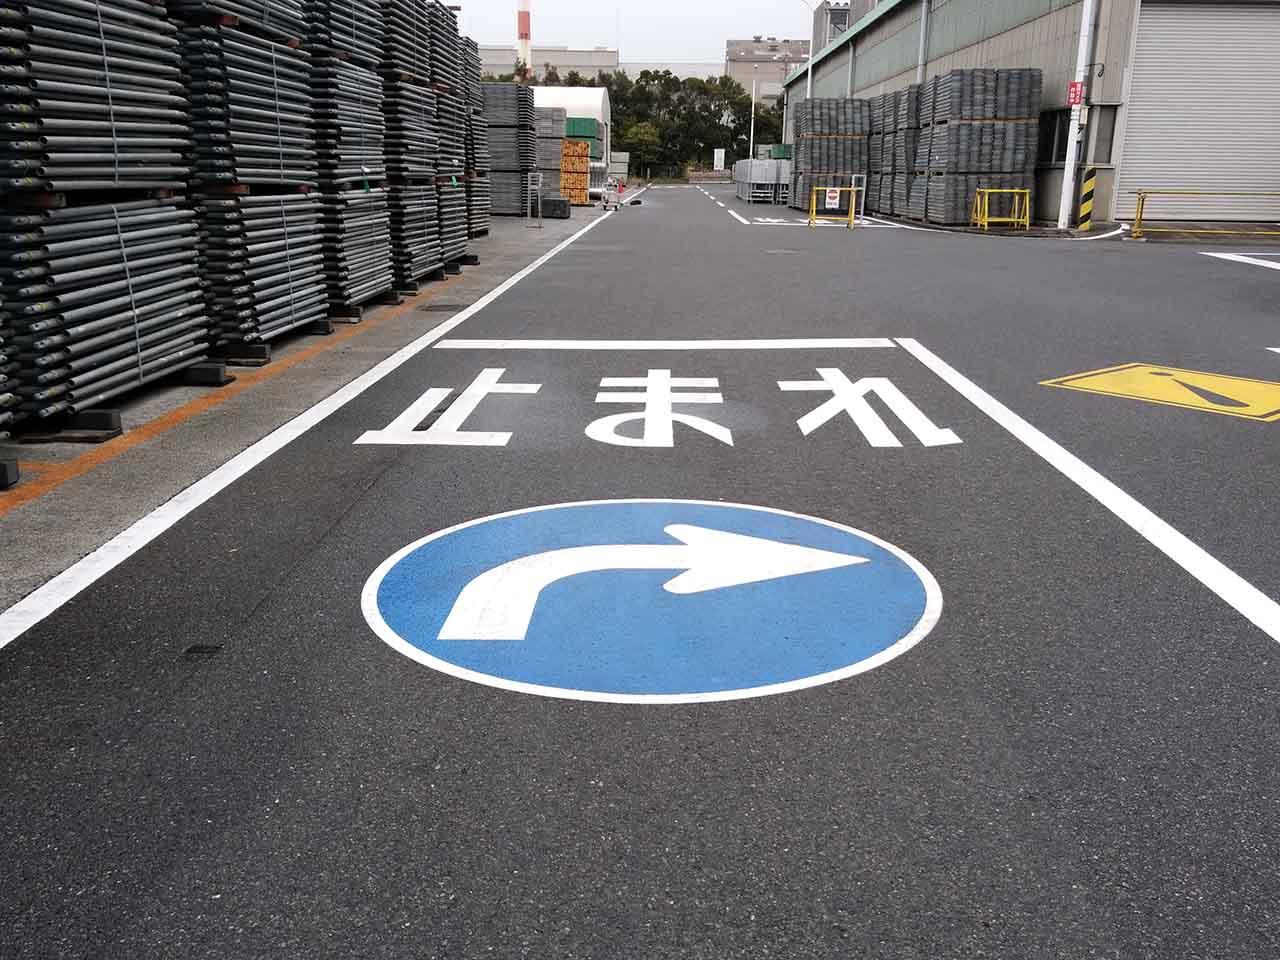 指定方向外進入禁止(311-B)